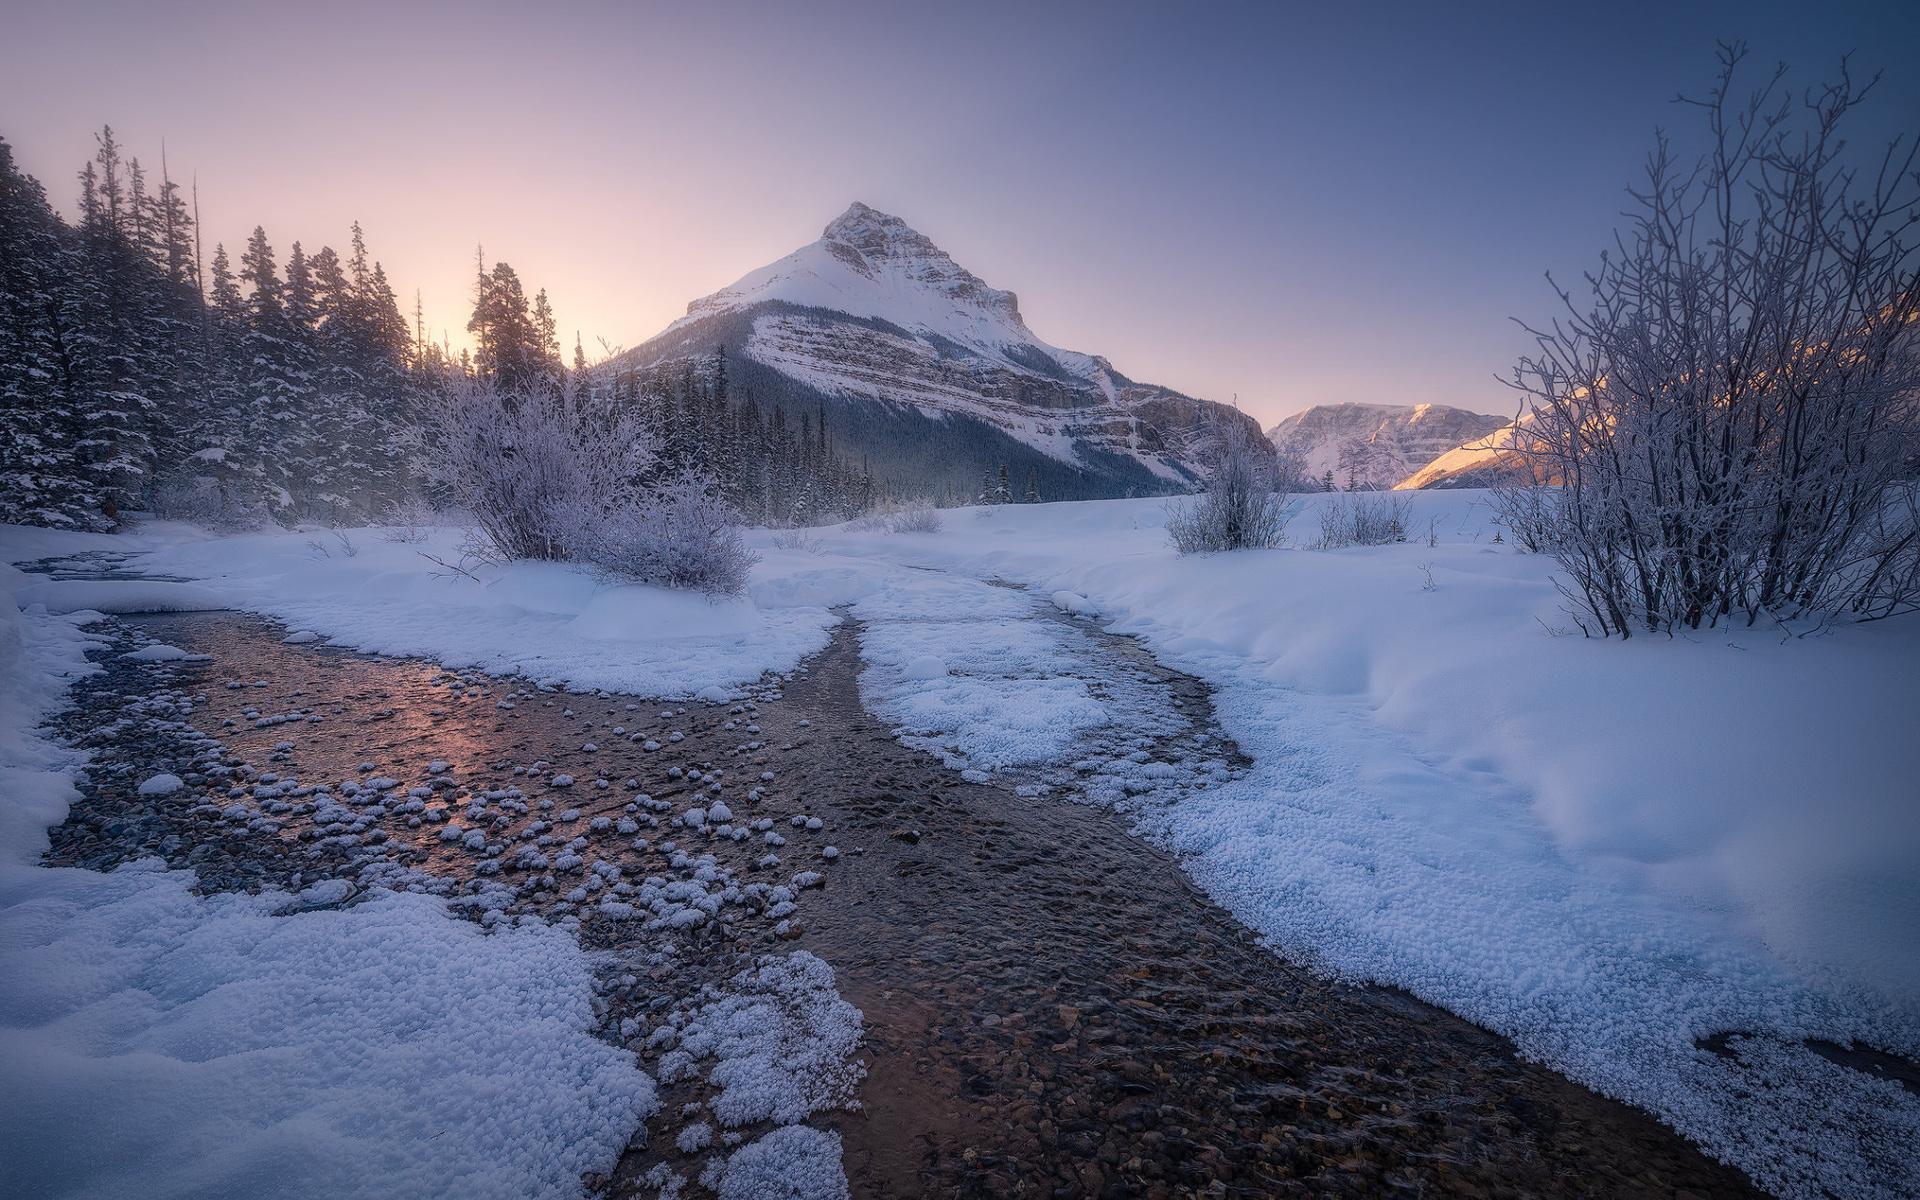 пейзаж, горы, скалы, природа, деревьярека, закат, зима